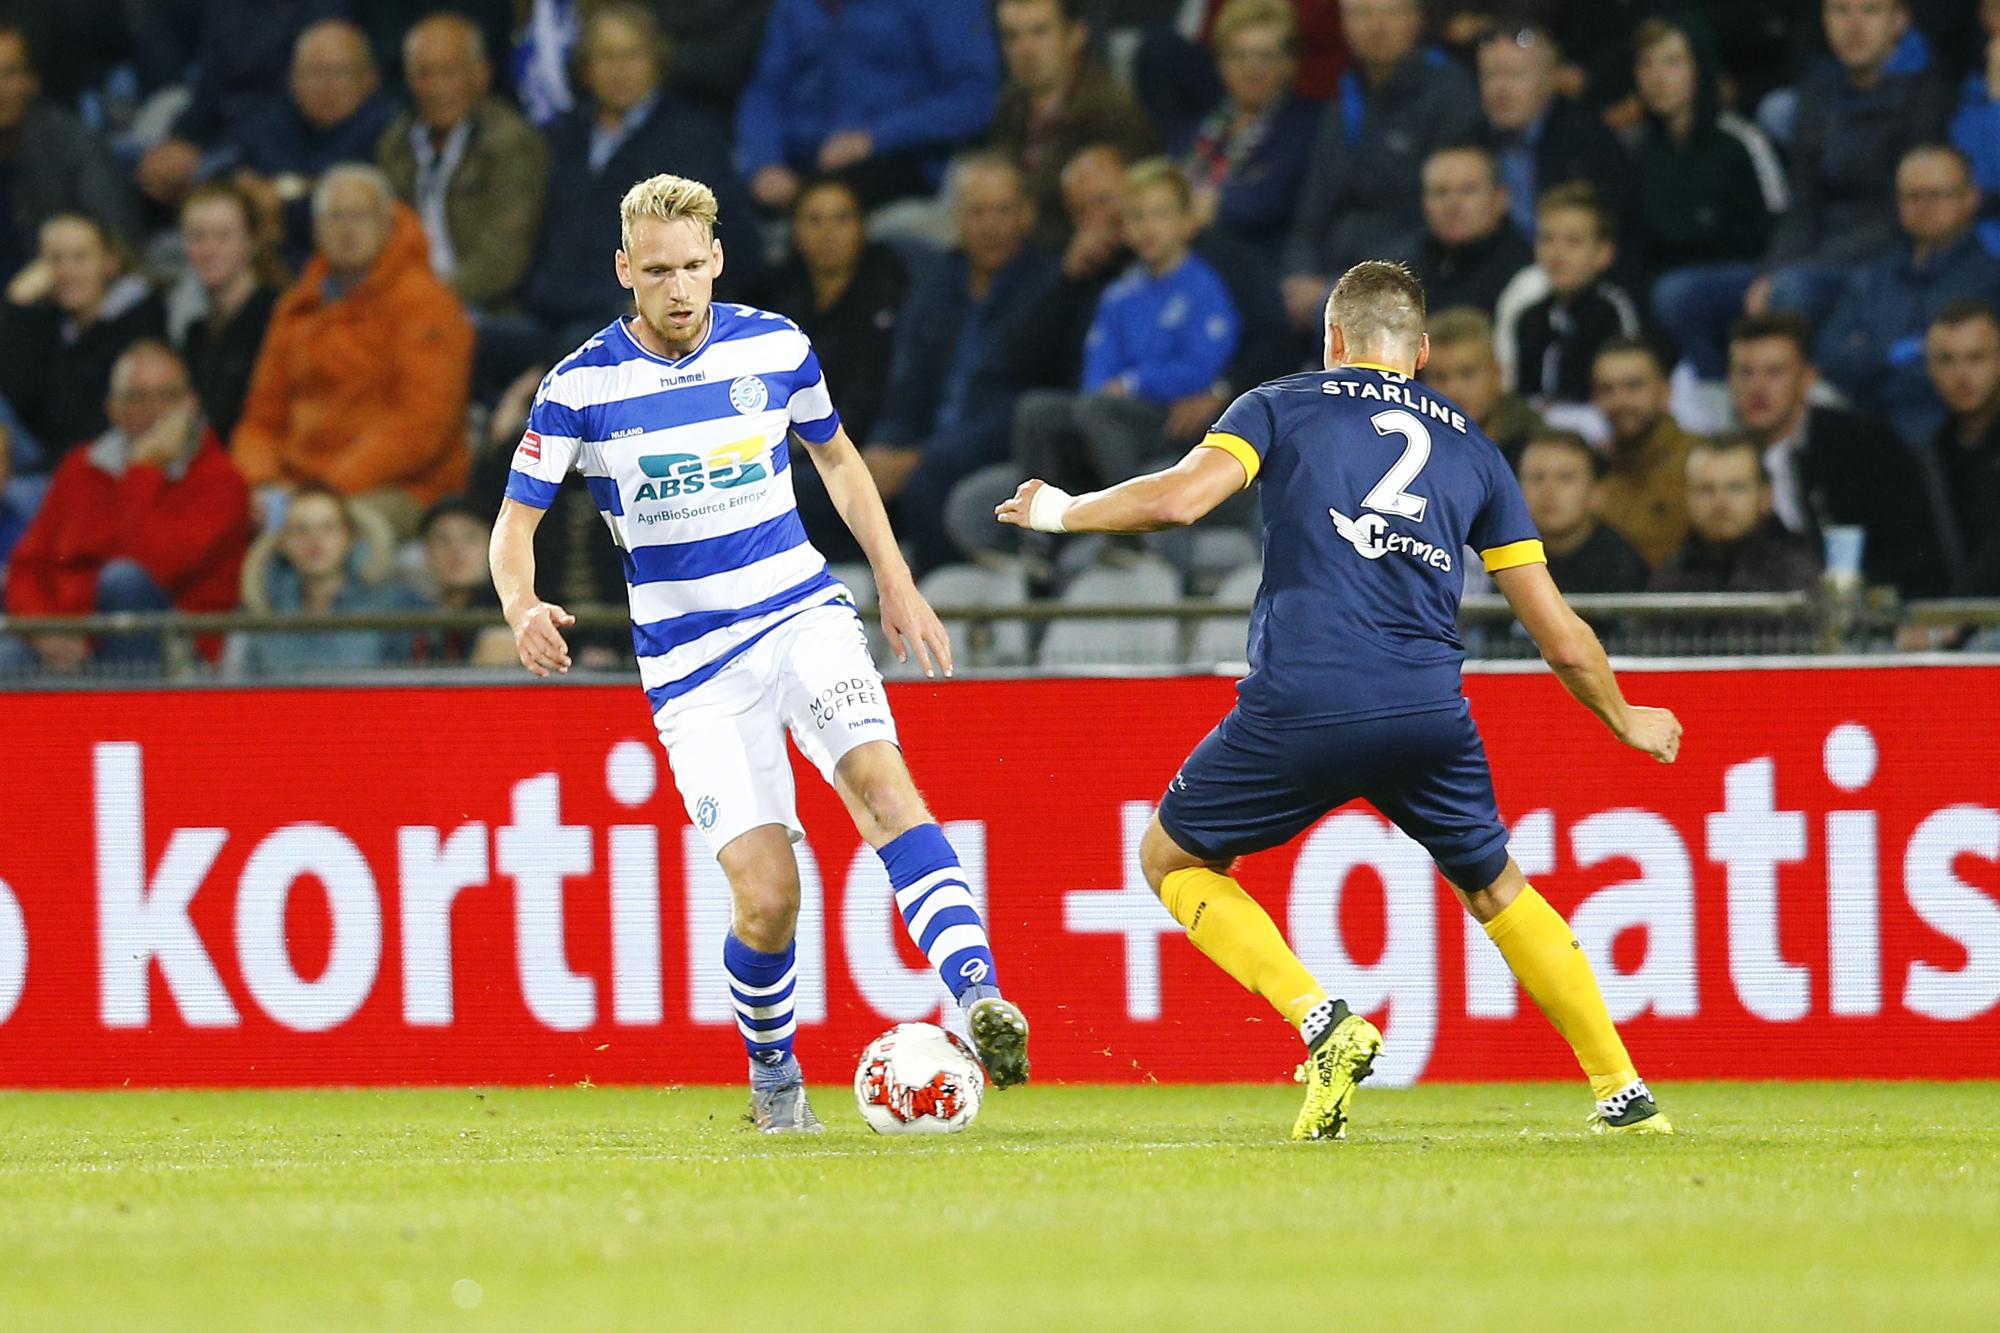 Nijland-vs-Eindhoven.jpg